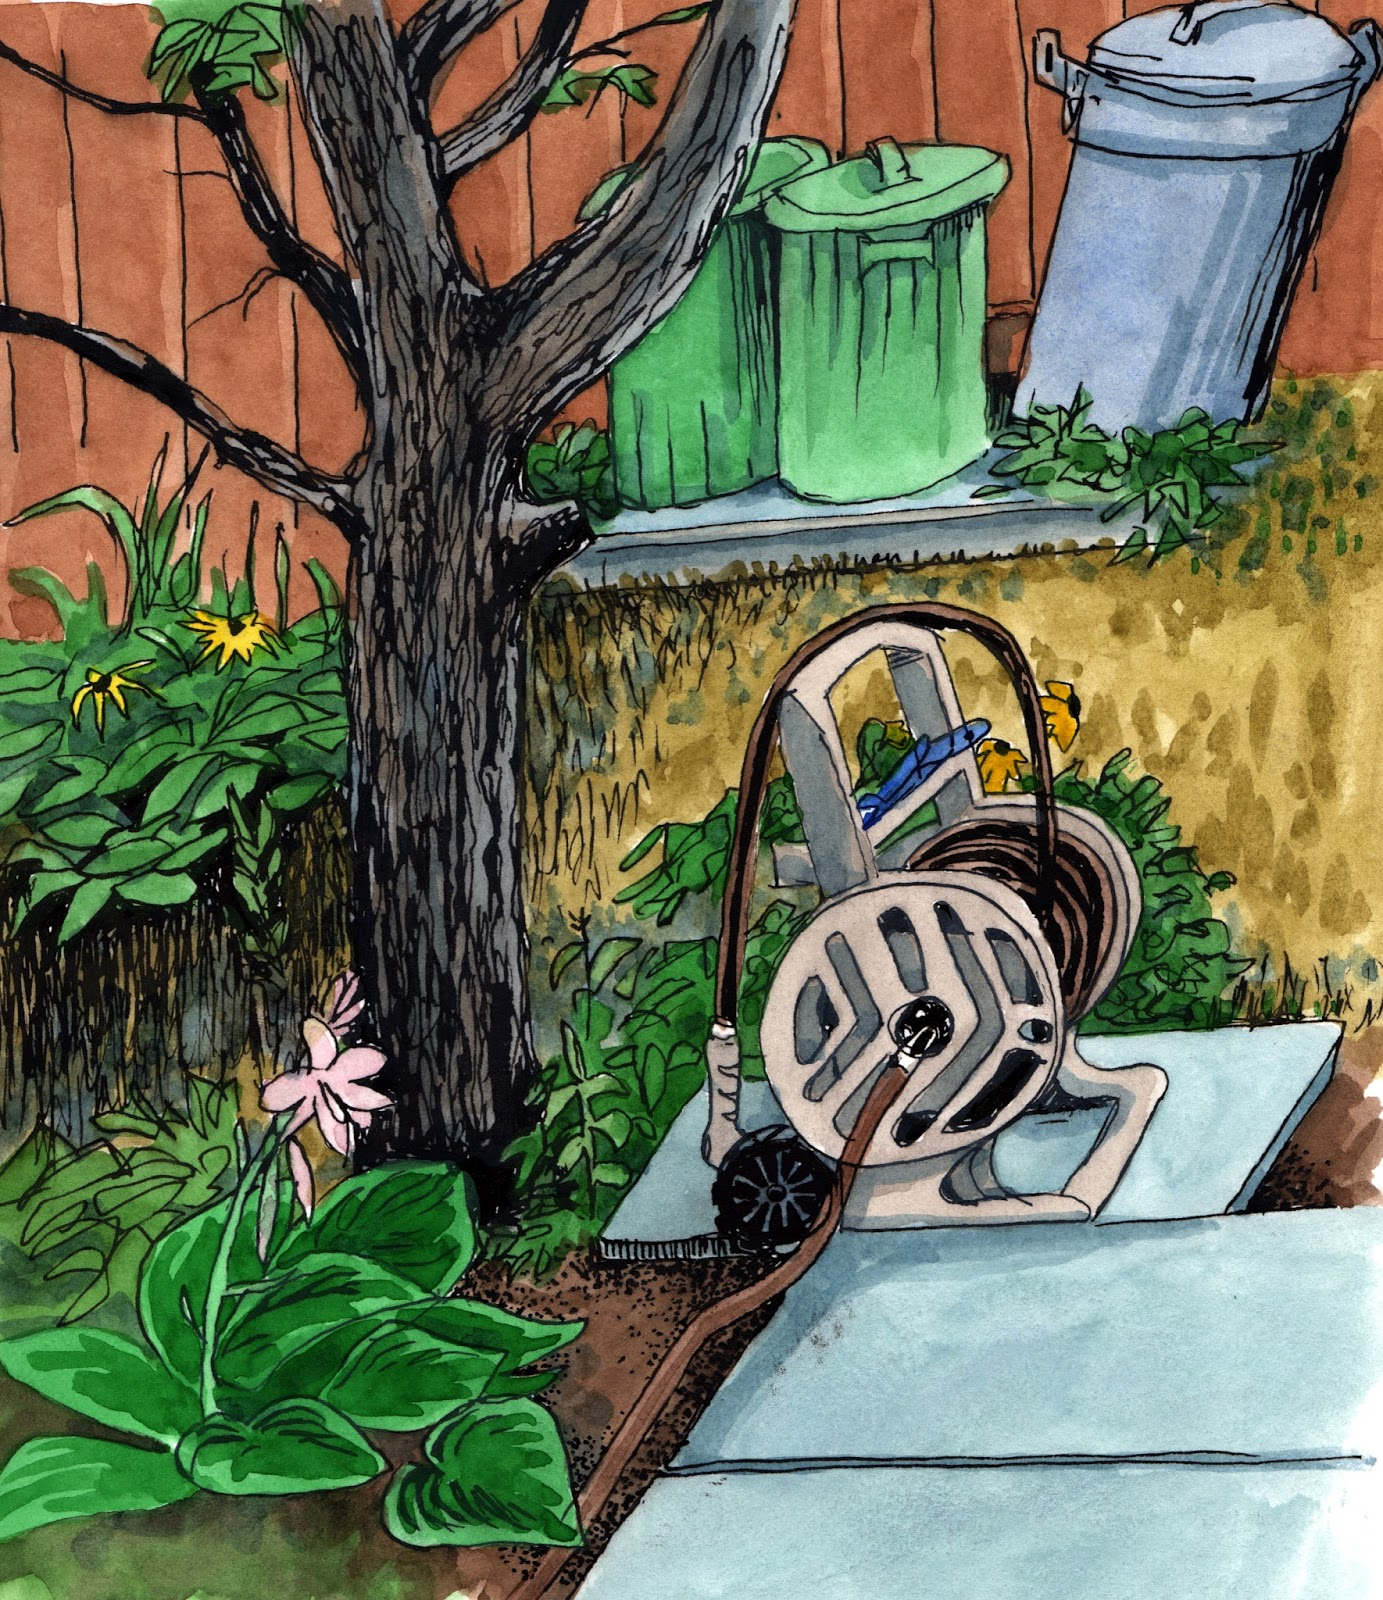 michael u0027s scroll the garden hose le tuyau d u0027arrosage